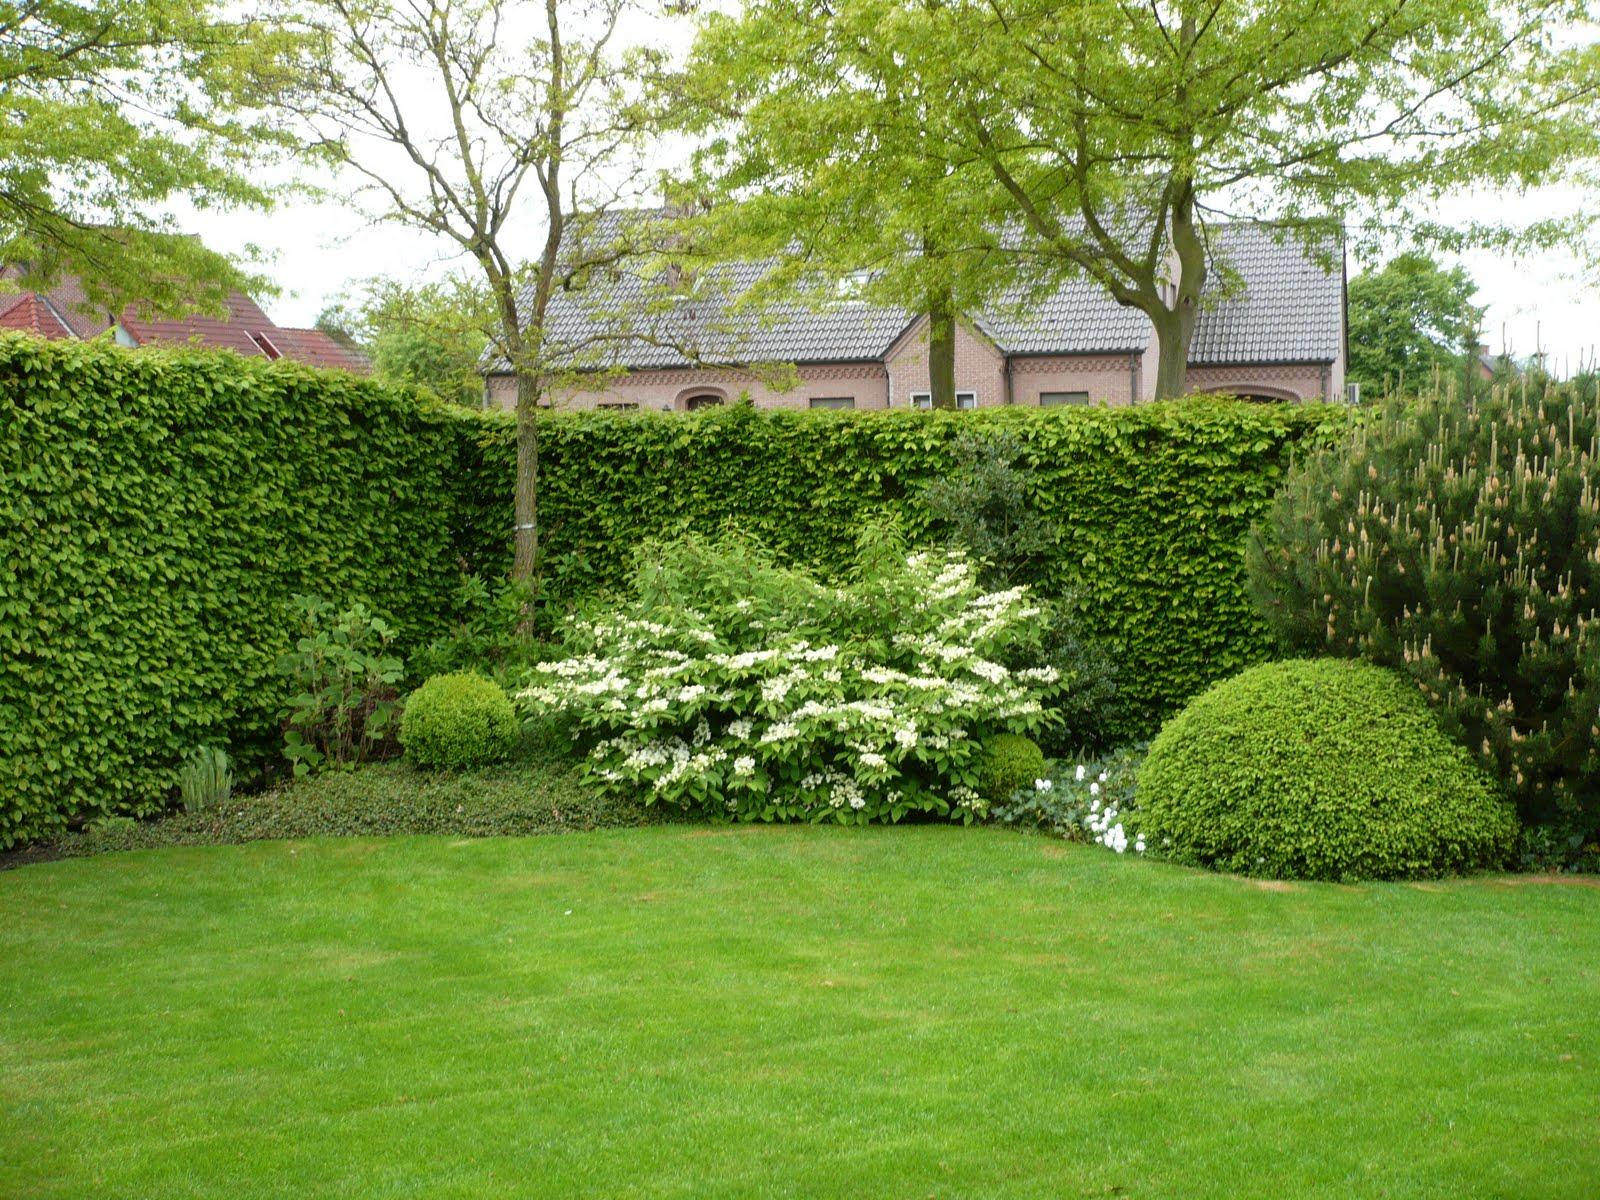 Balades dans de beaux jardins jardin de vic et anne janssen meyers belgique for Jardin a visiter